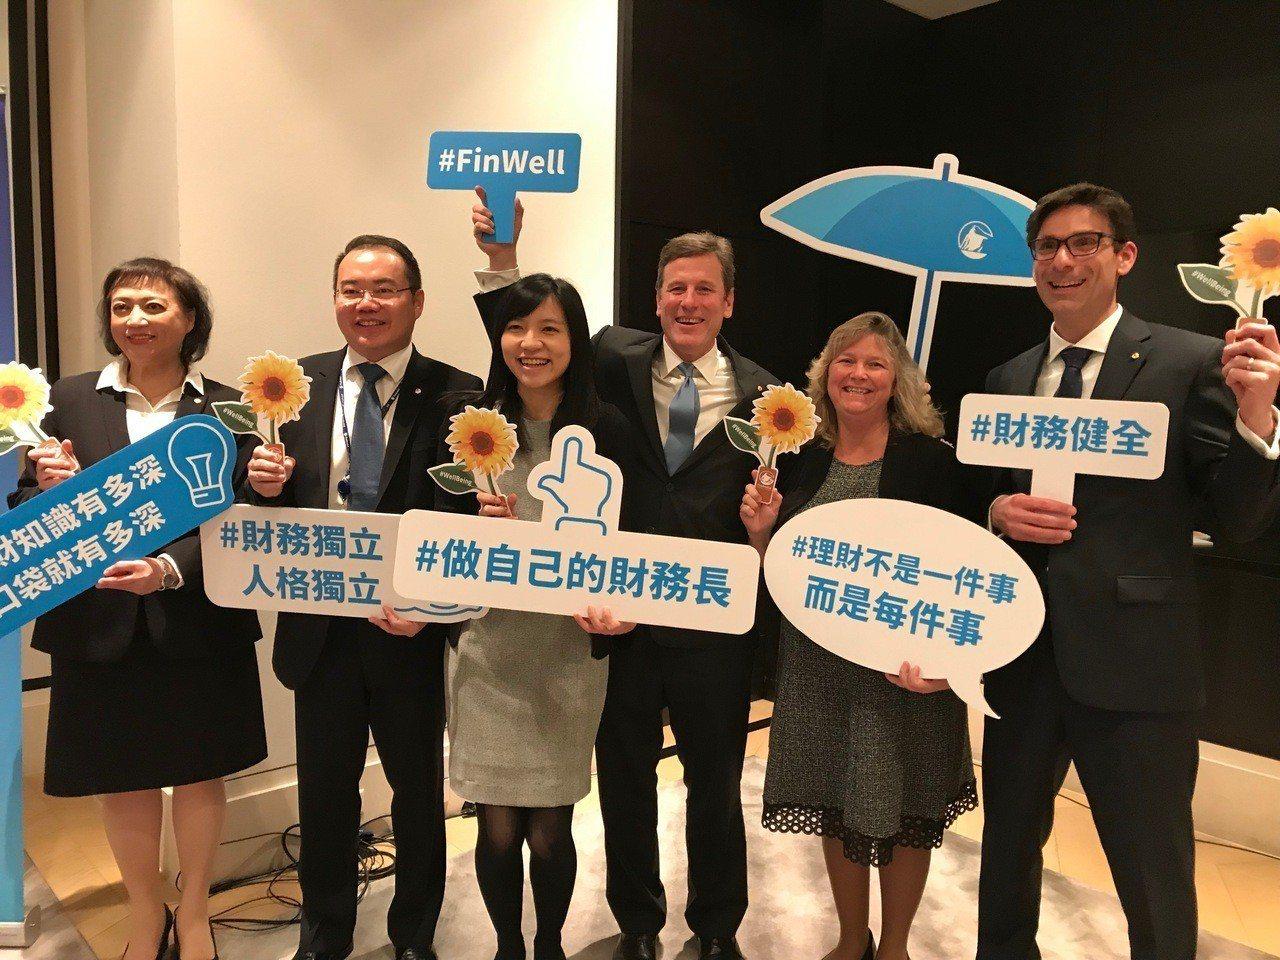 台灣保德信人壽17日舉行盛大記者會,宣布引進美國母集團的財務健全課程,將免費為國...